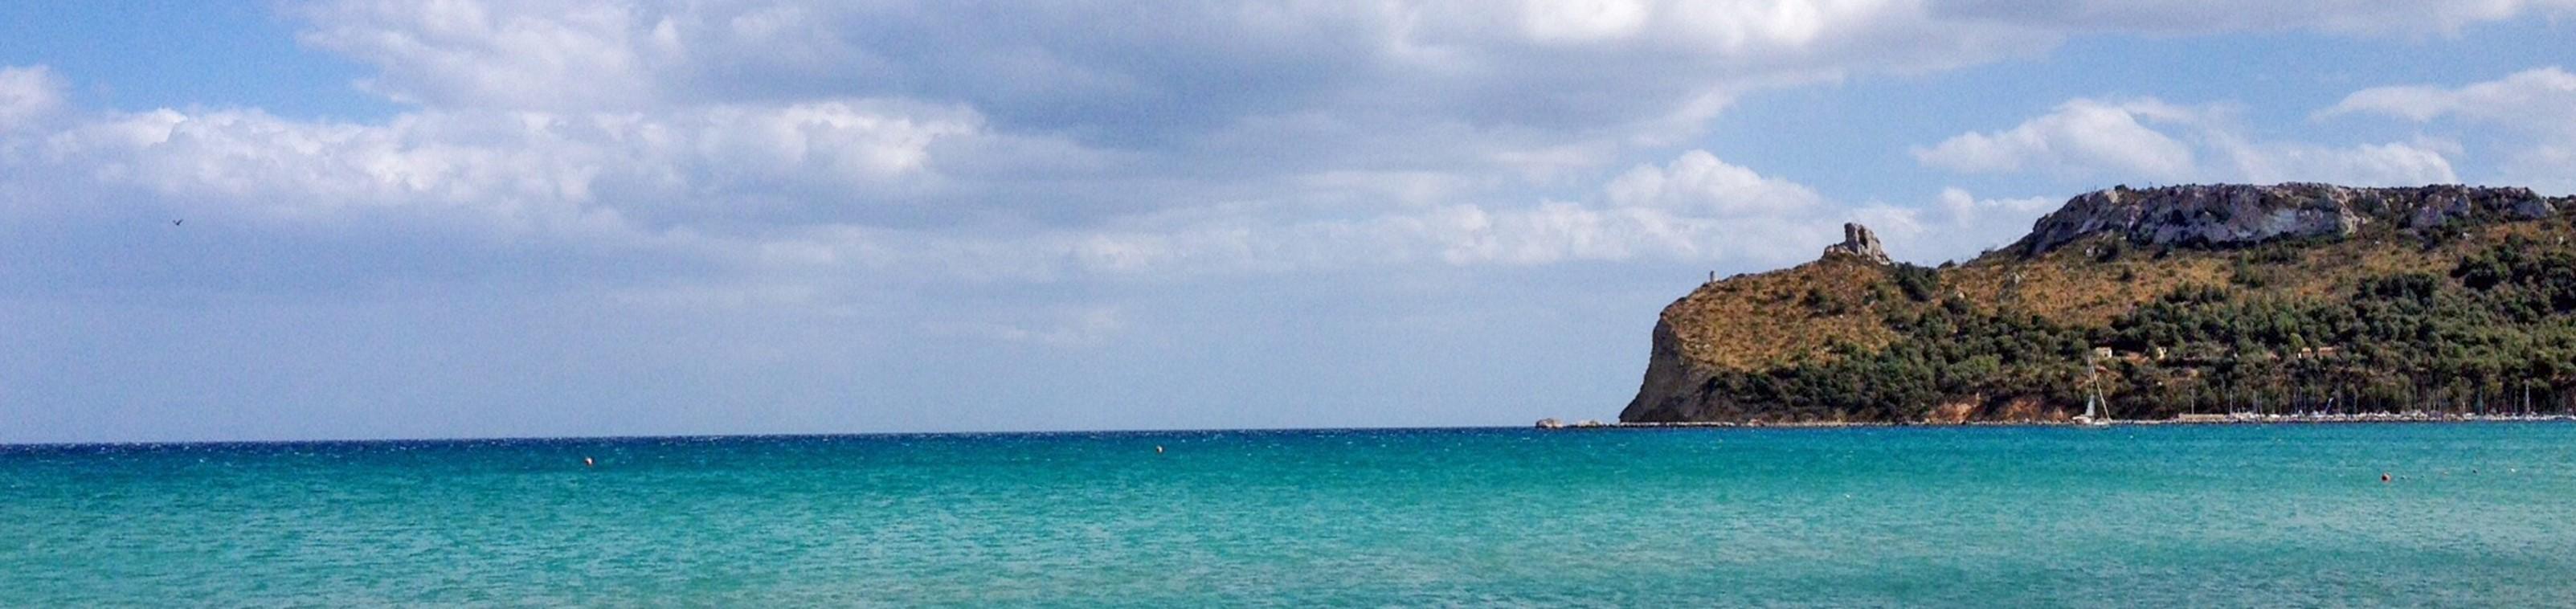 Zomercruise Middellandse Zee met de Costa Diadema